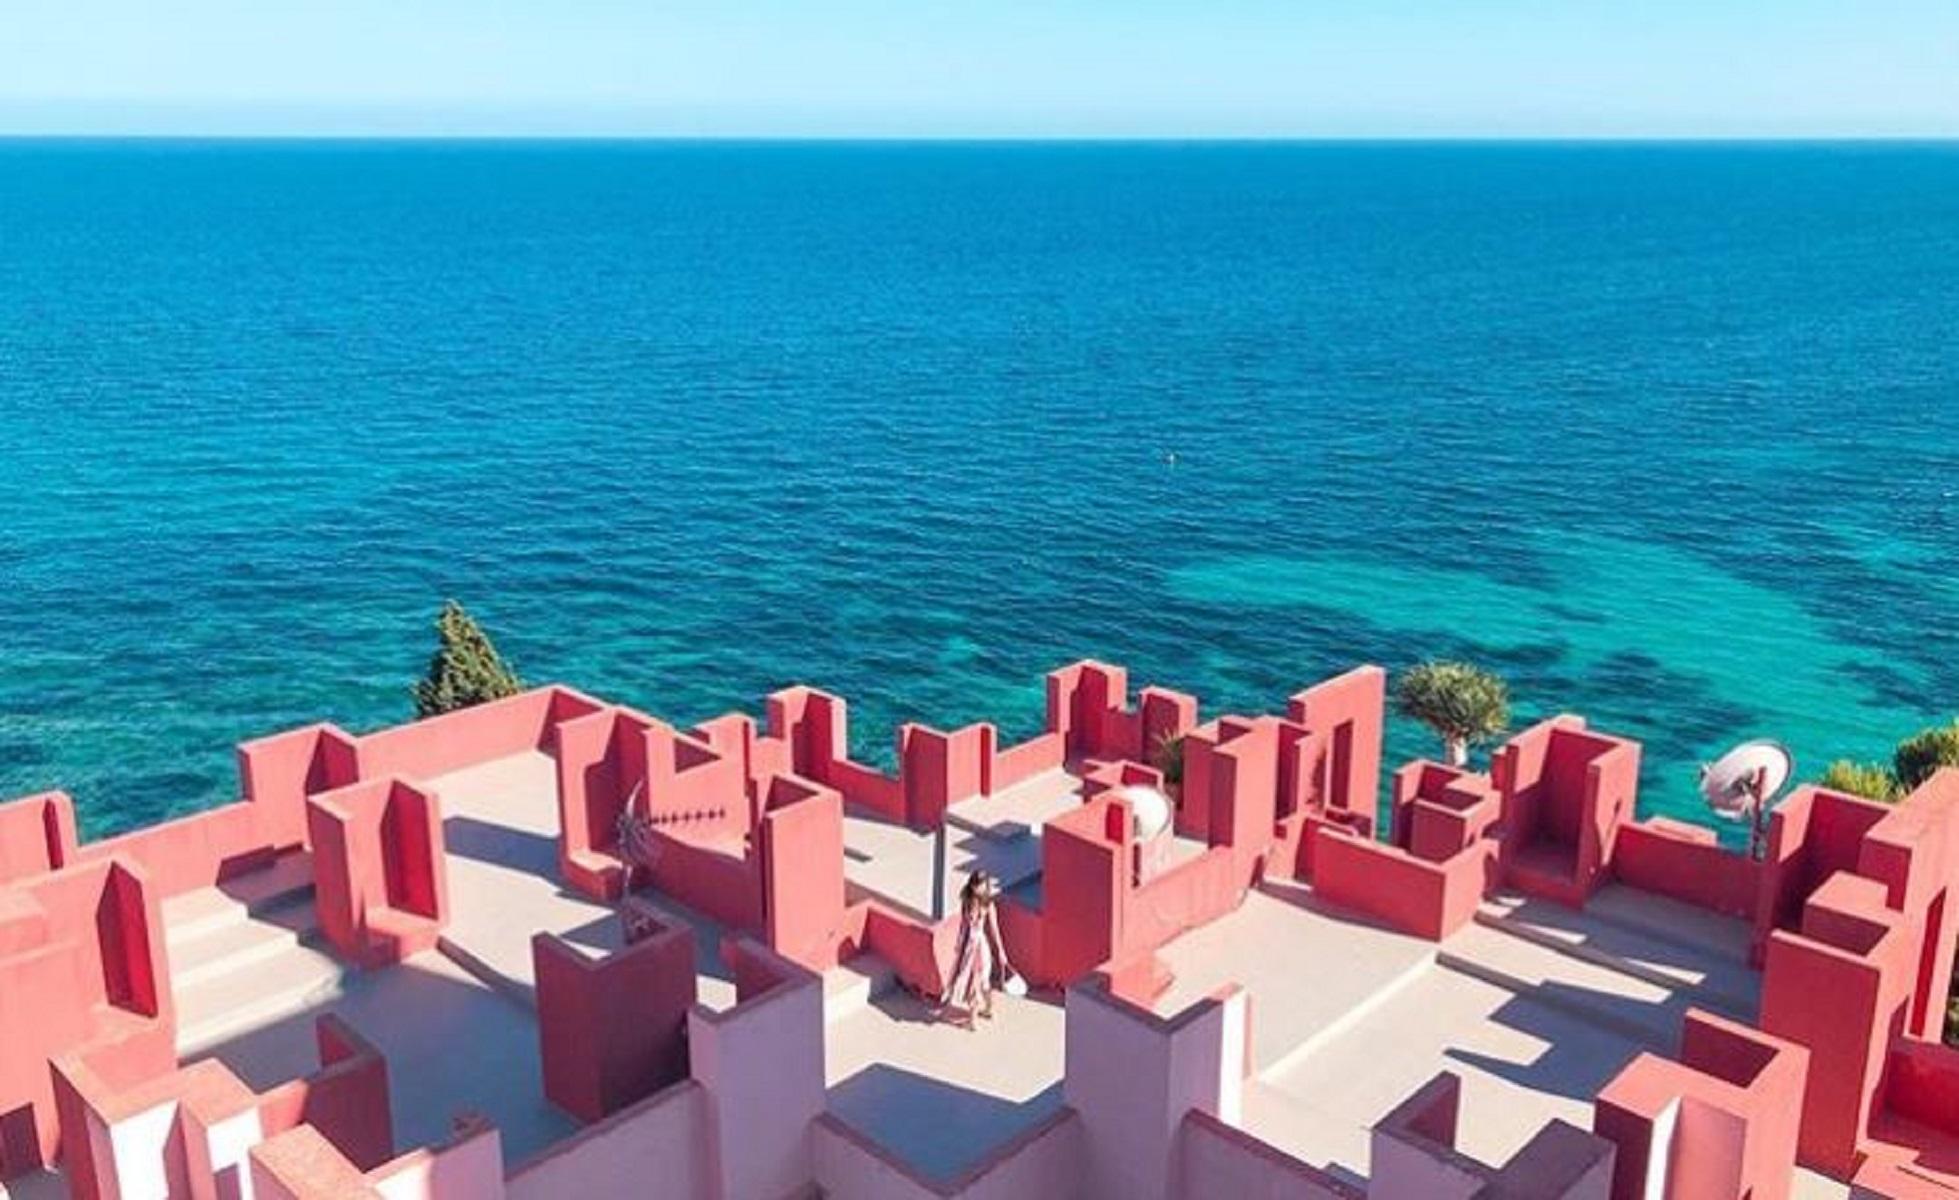 Muralla Roja spagnola: come visitarla e cosa è